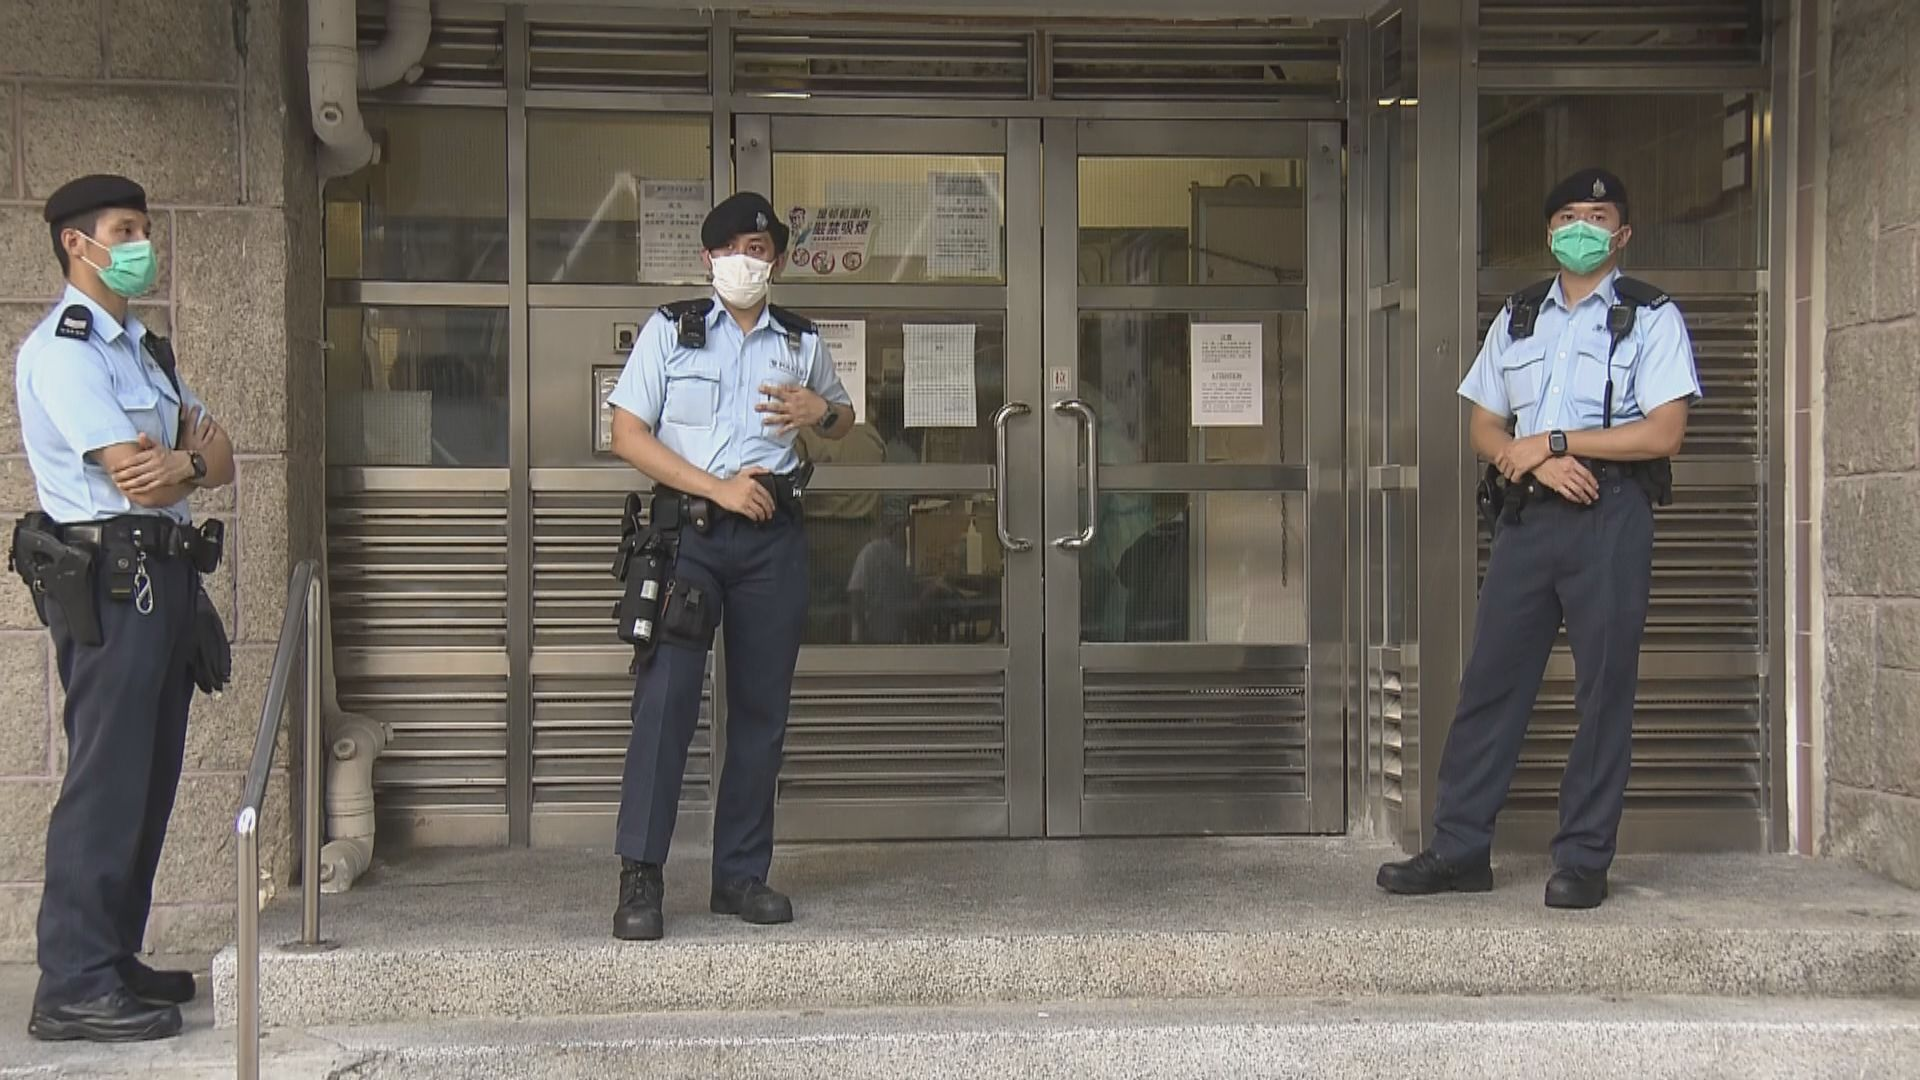 祿泉樓部份住戶撤離 大批警員戒備